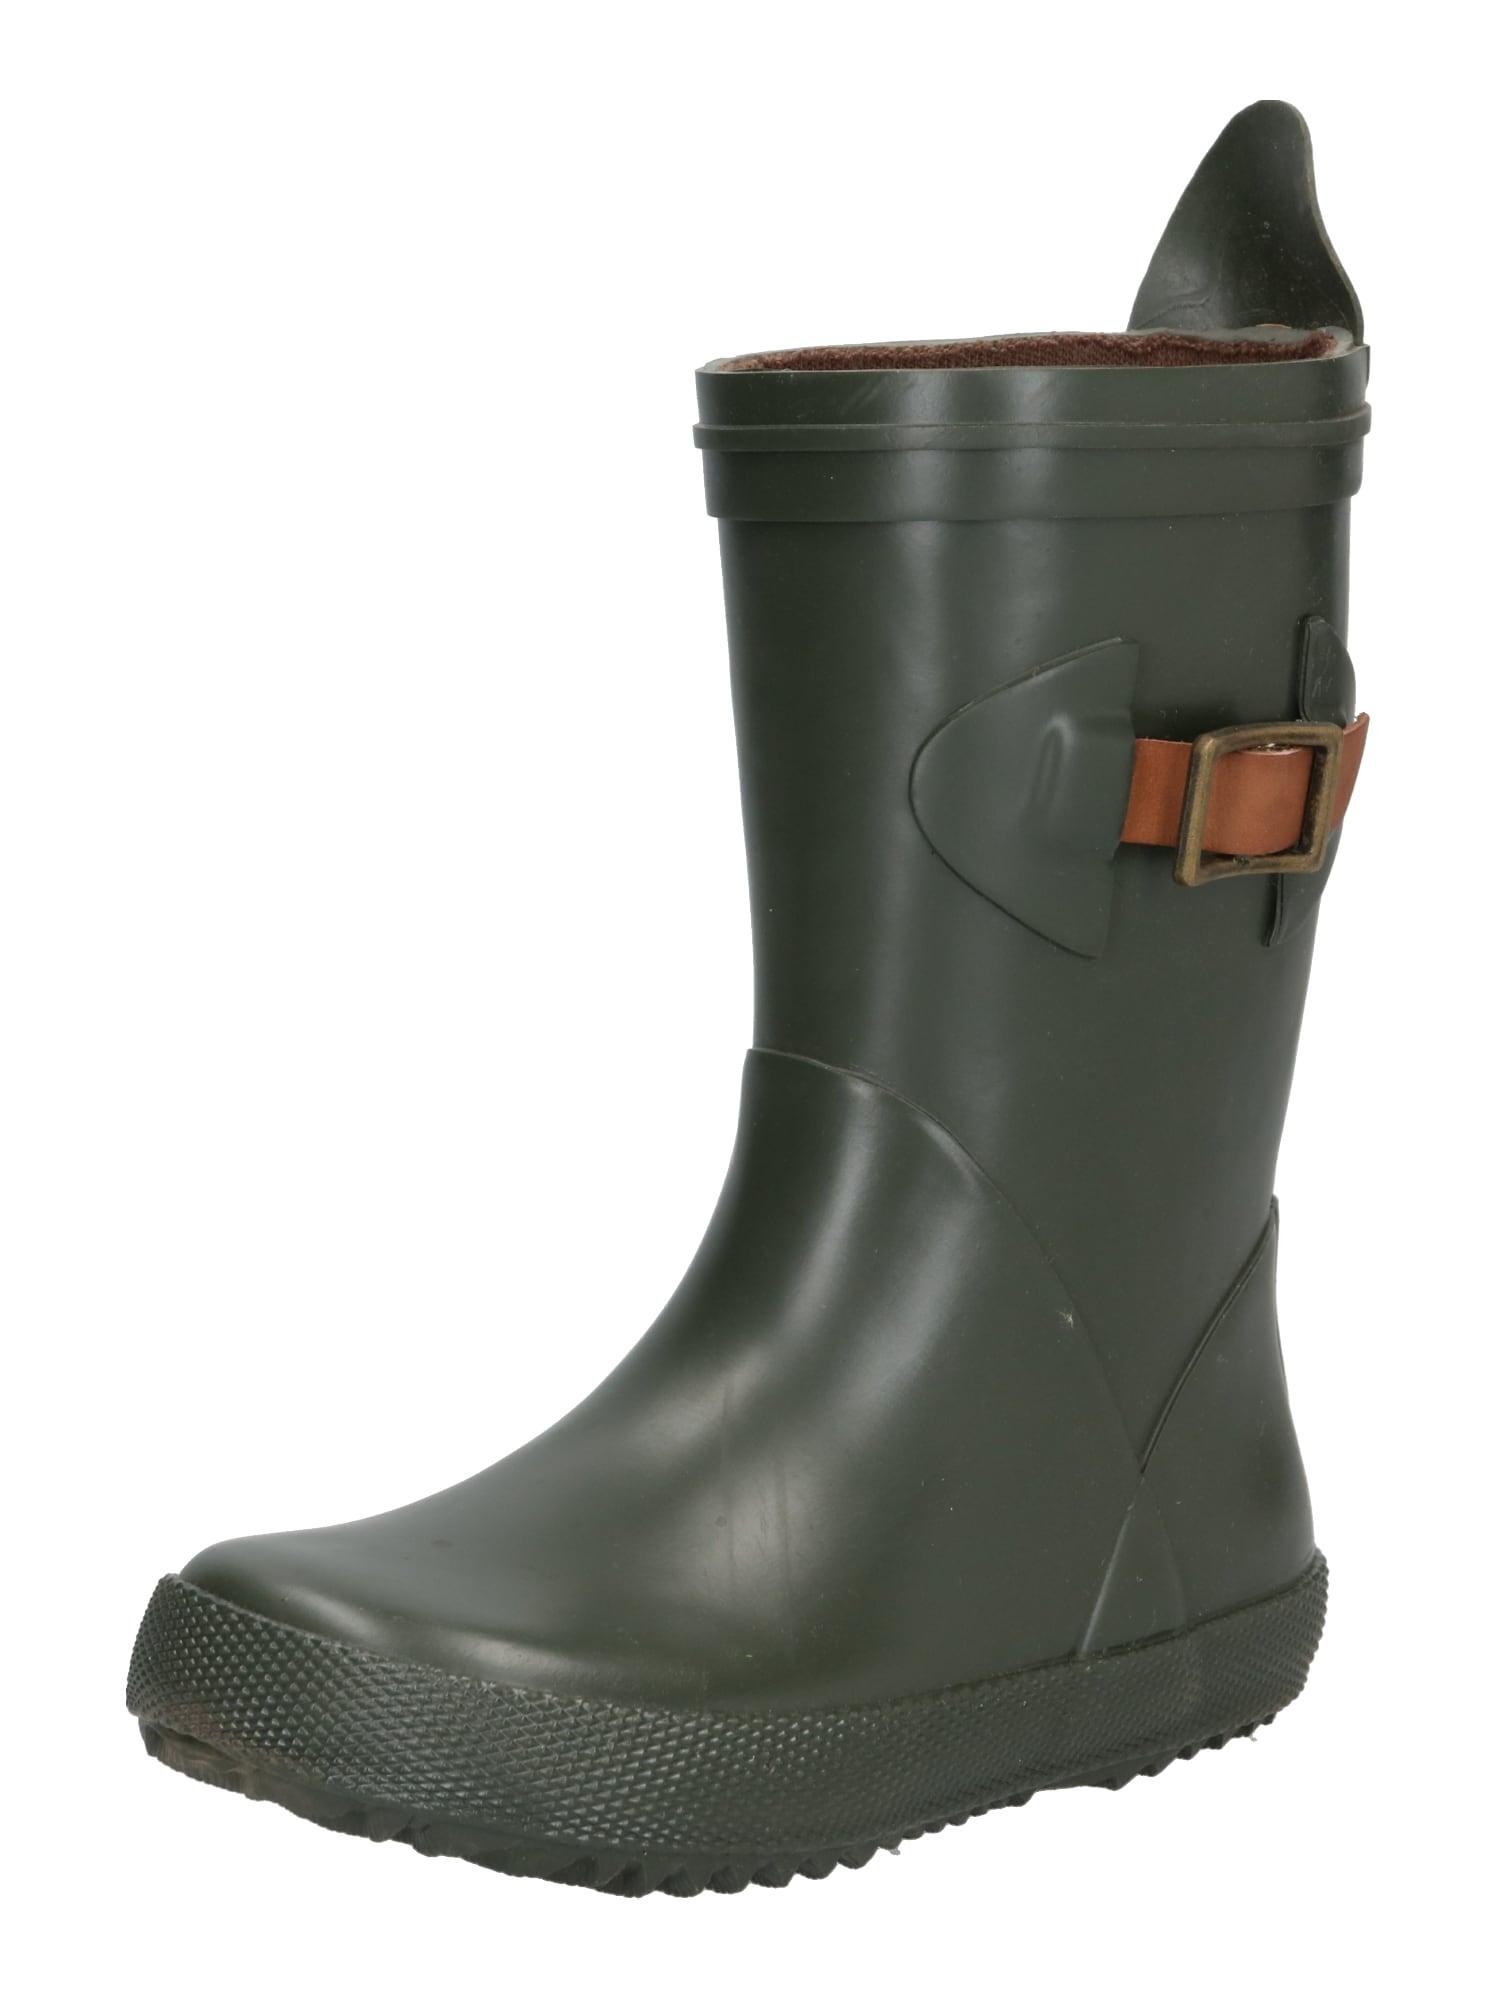 BISGAARD Guminiai batai 'SCANDINAVIA' žalia